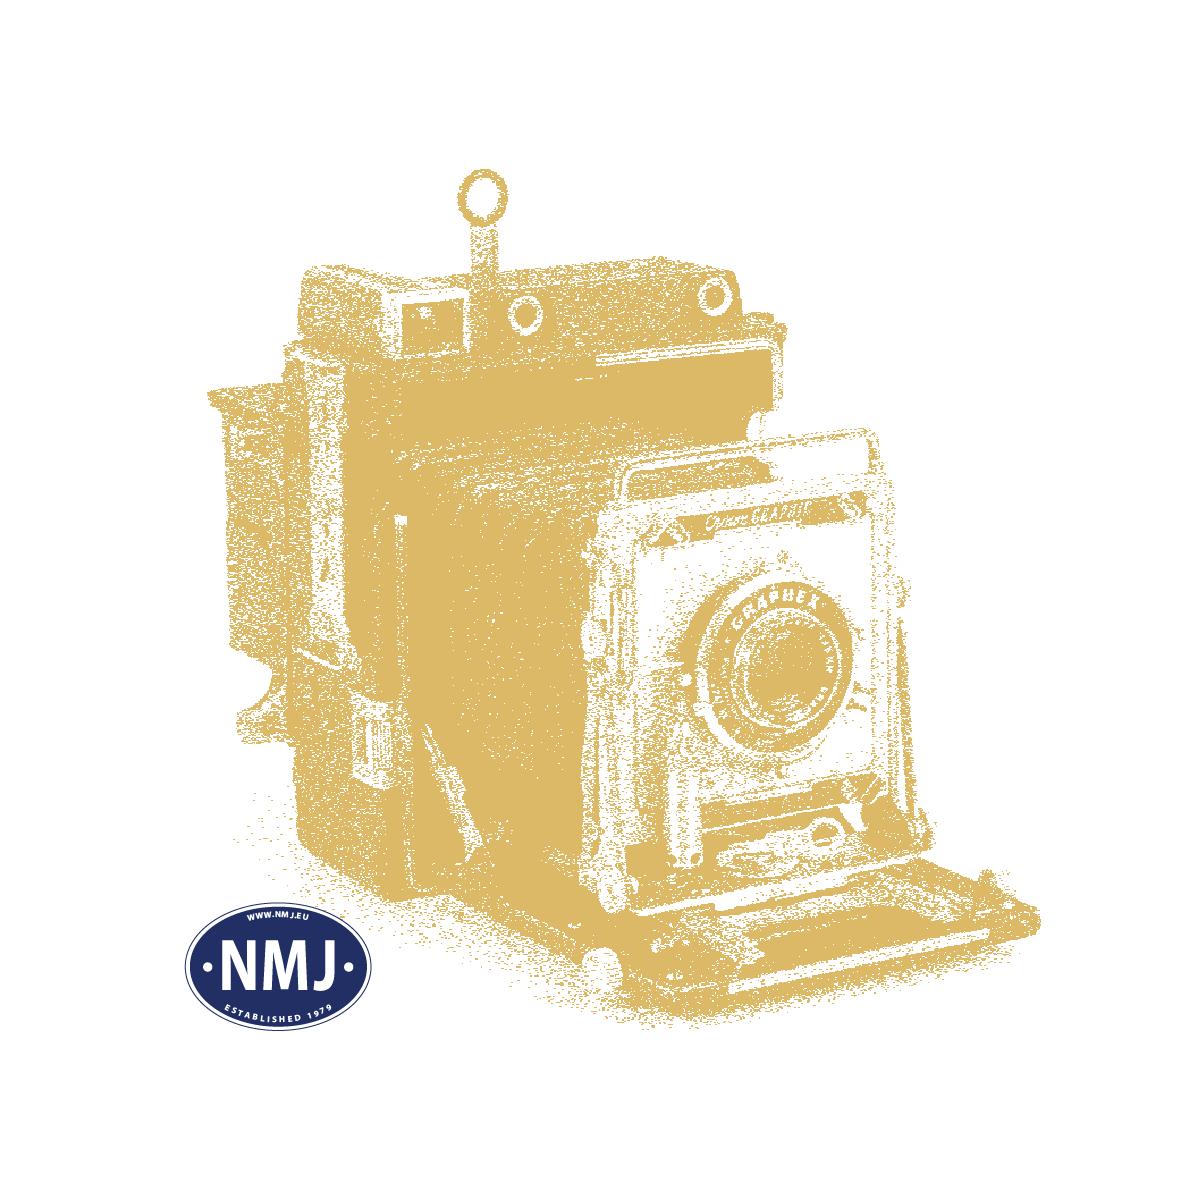 NMJ0TL3-5 - NMJ Superline Modell des Rungenwagens Tl3 16542 m/Seiten- und Stirnwänden Spur 0